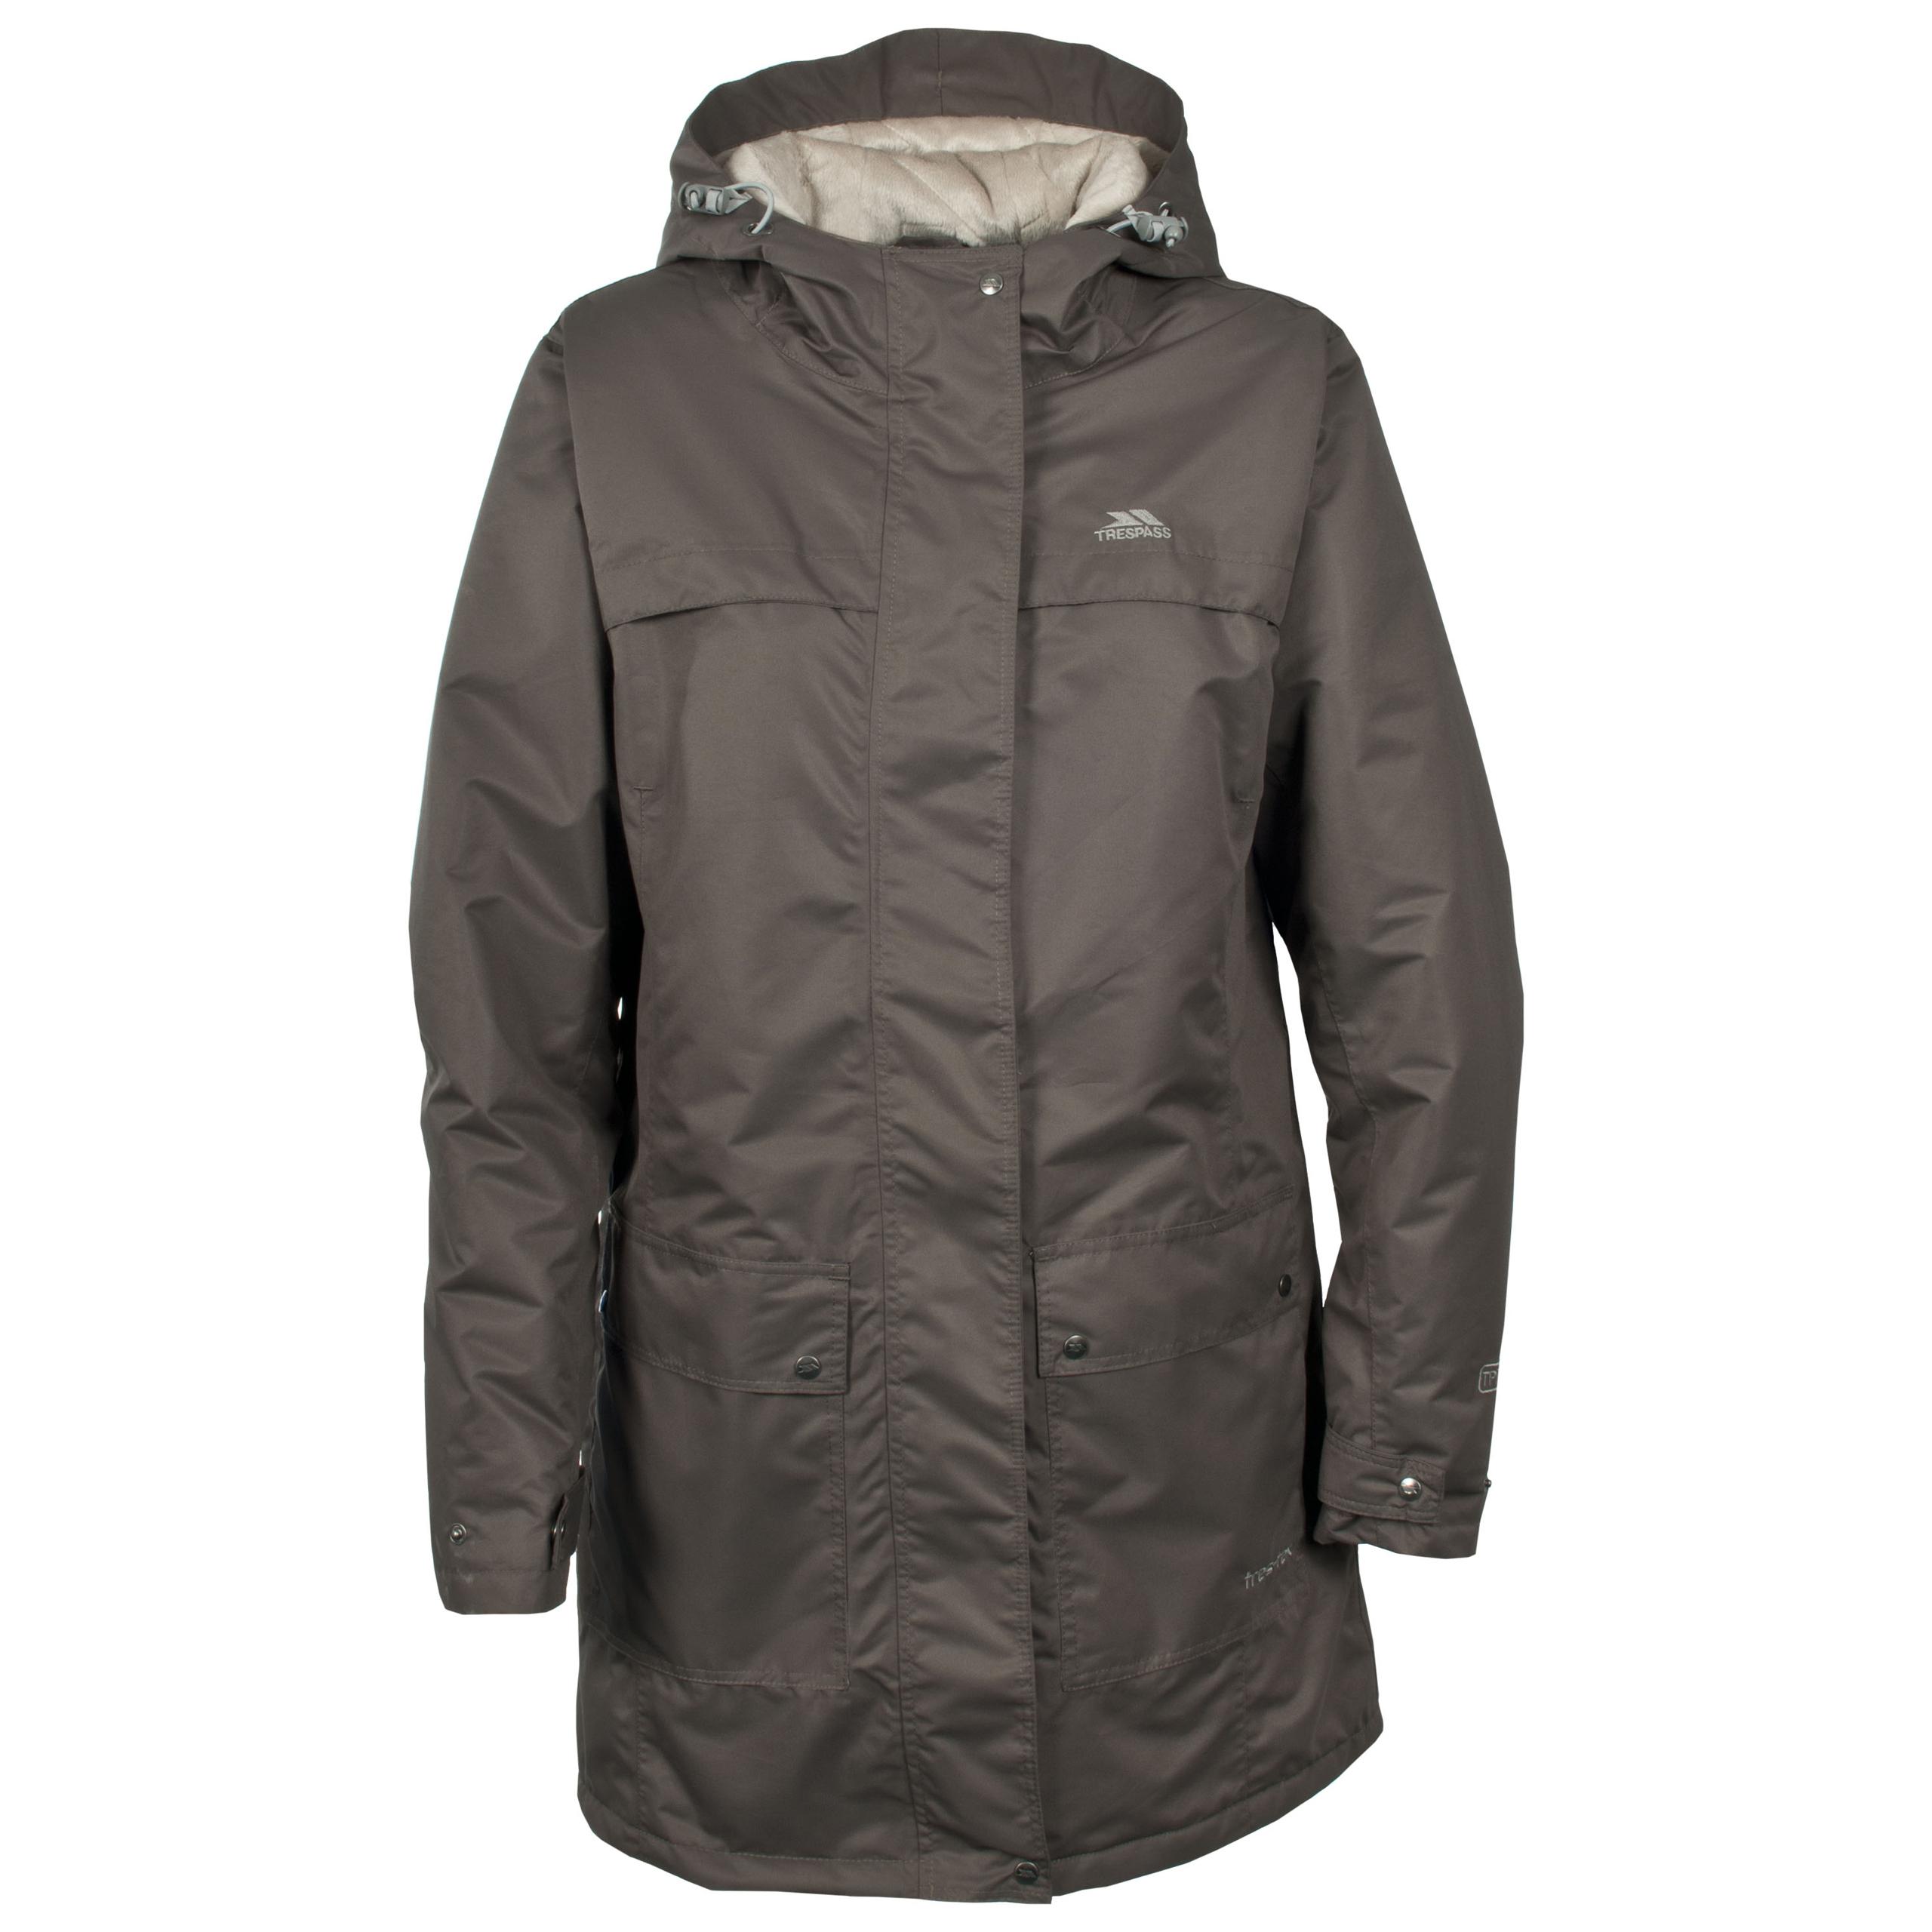 Trespass-Pixie-Impermeable-femme-veste-de-pluie-longue-manteau